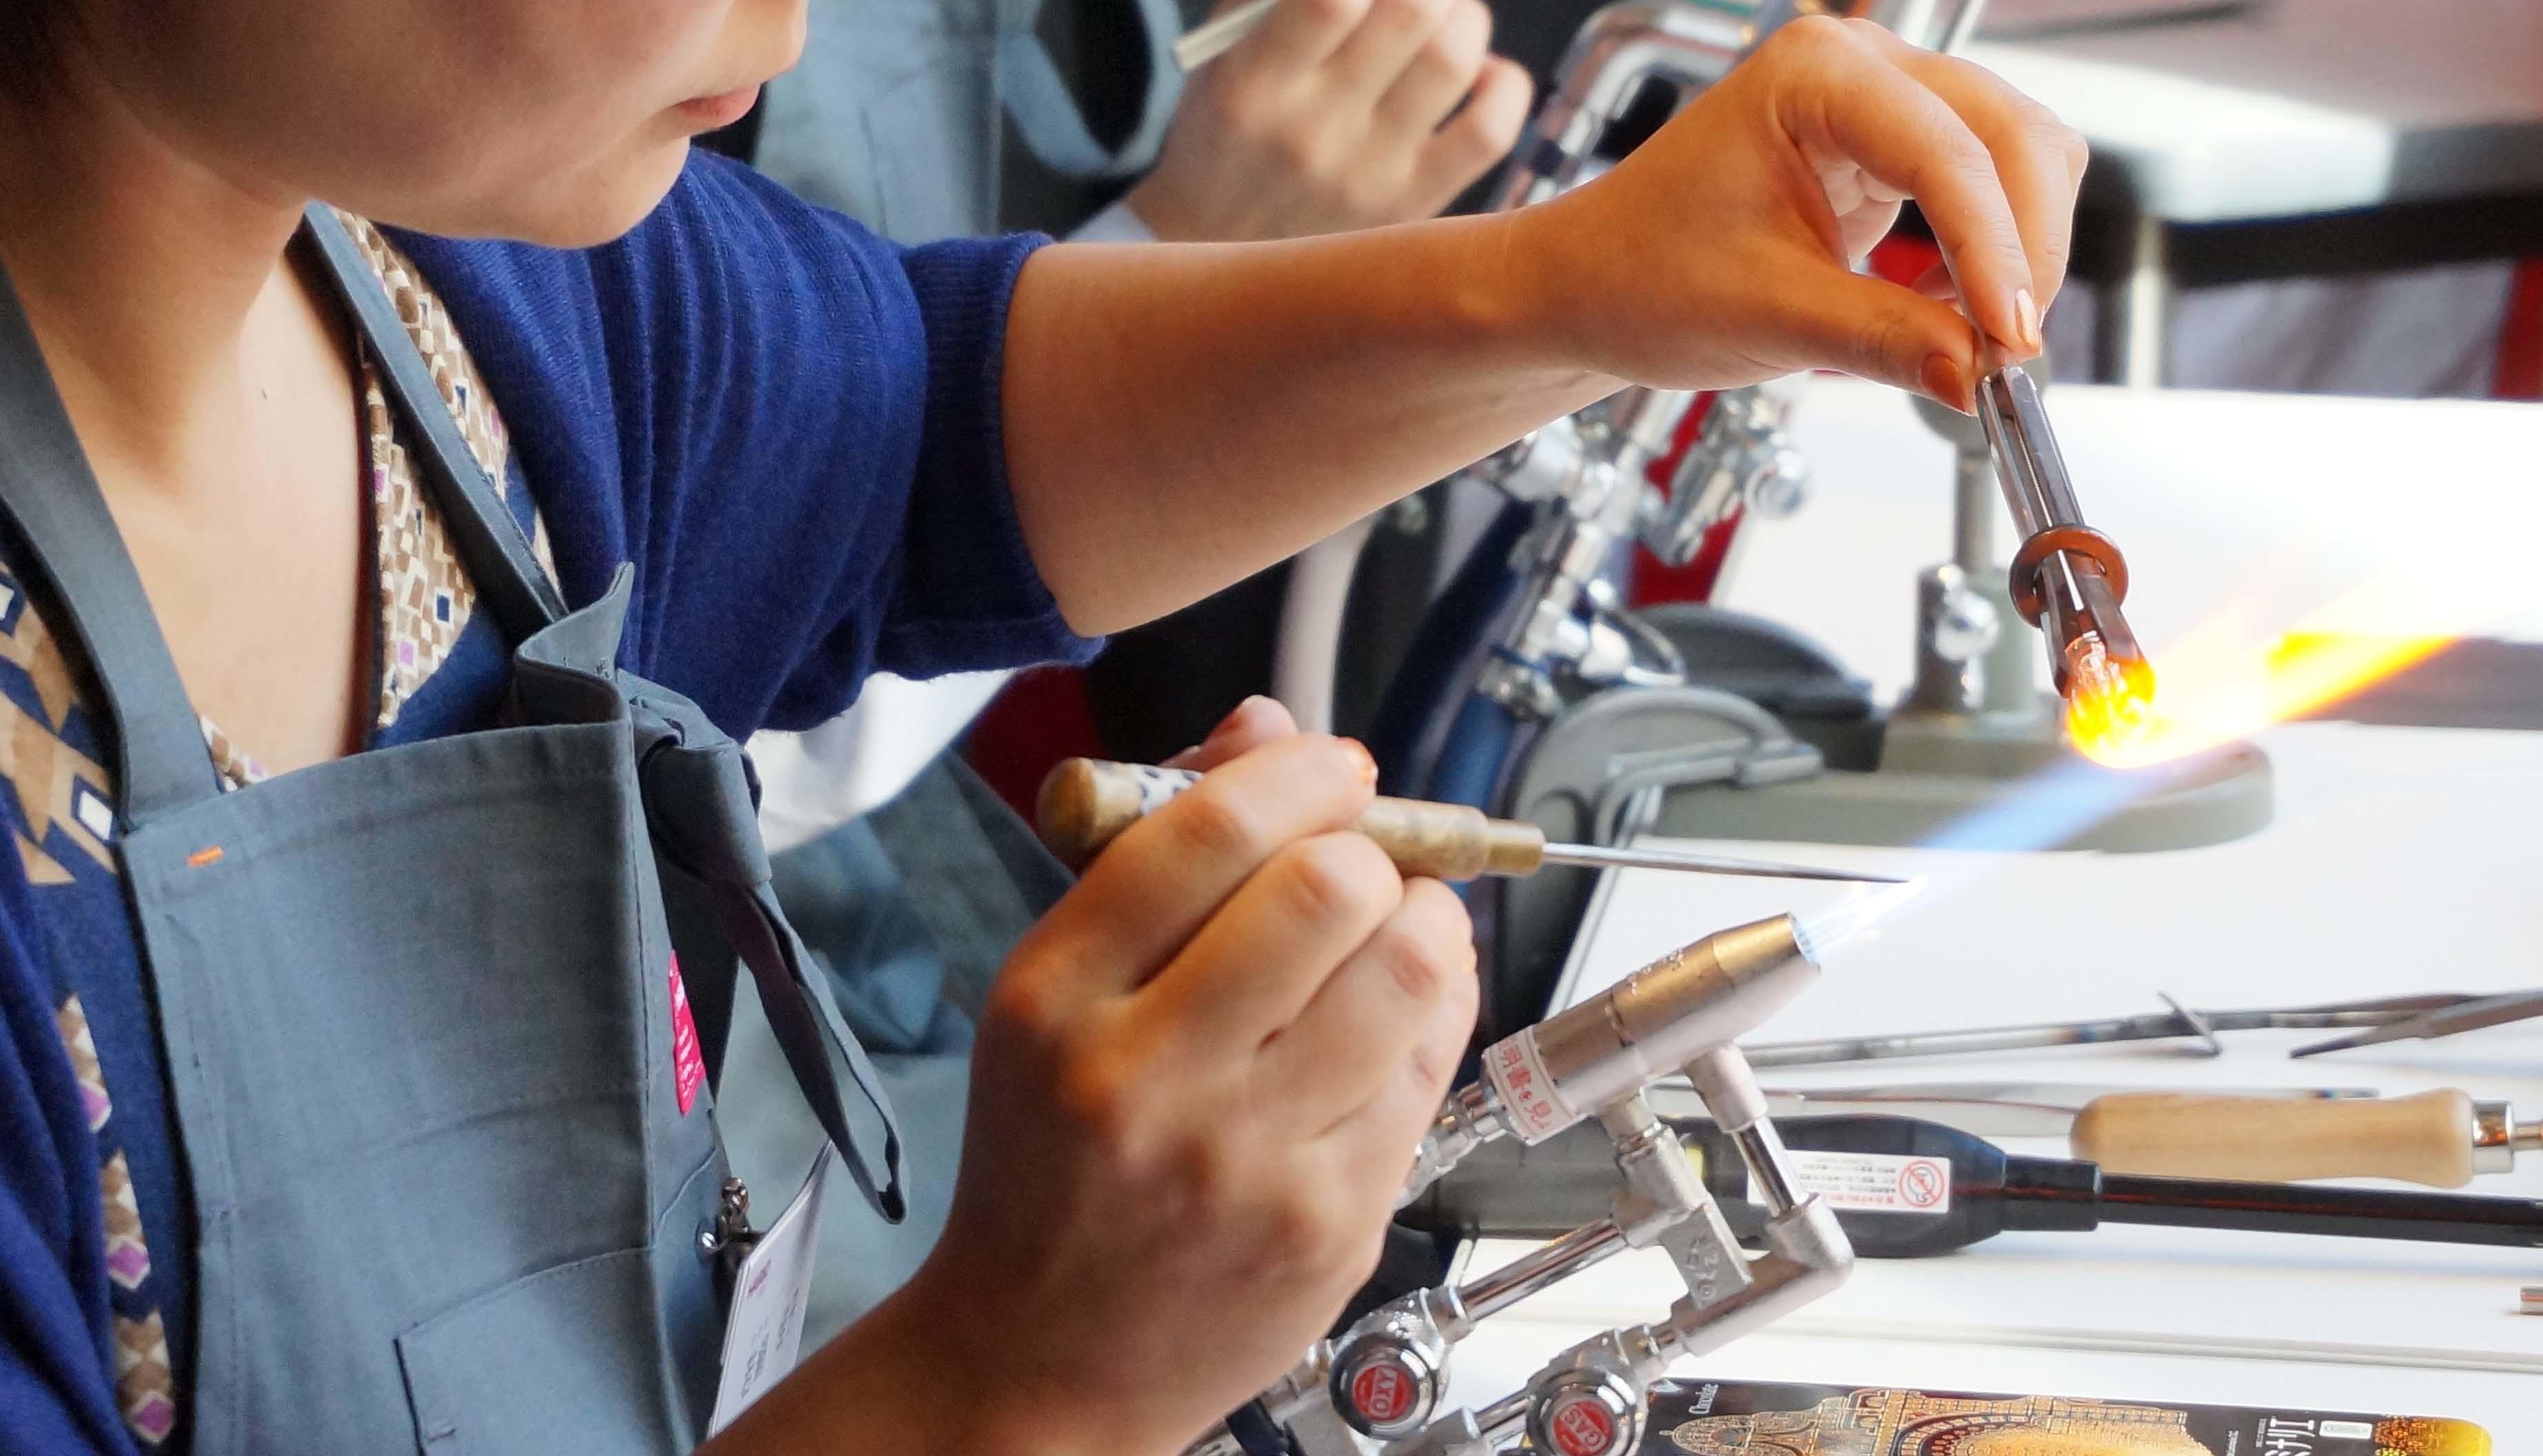 夏のHARIO Lampwork Factory ガラスのアクセサリーフェア開催_e0031142_17545185.jpg